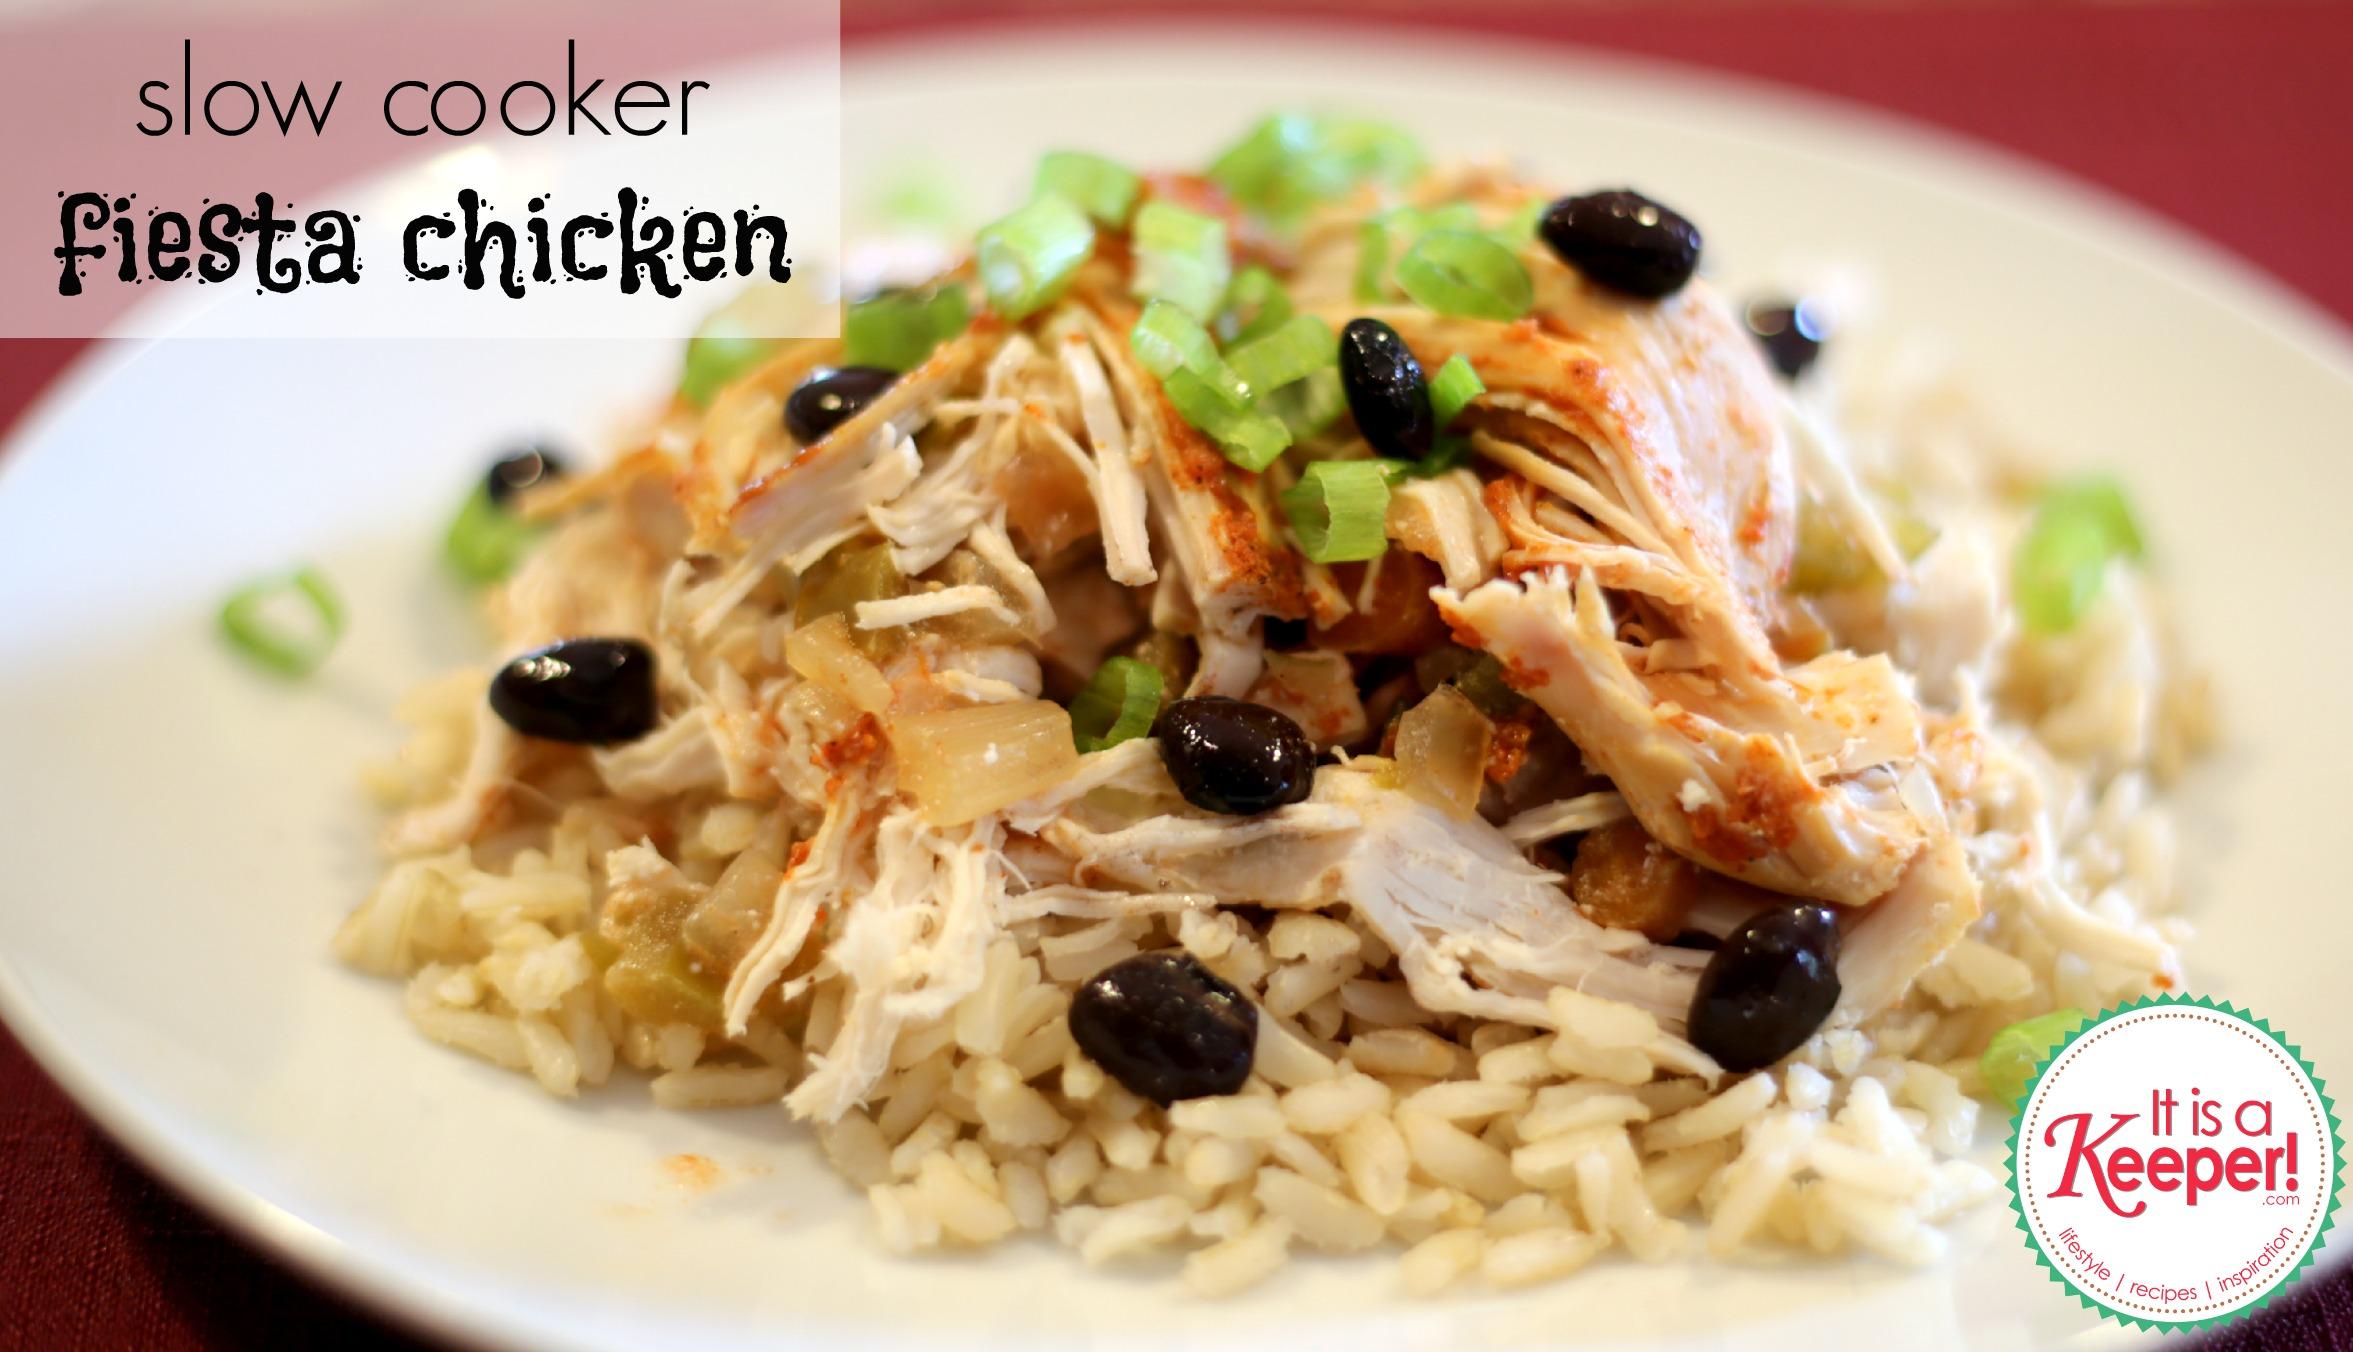 Slow-Cooker-Fiesta-Chicken-Its-a-Keeper.jpg